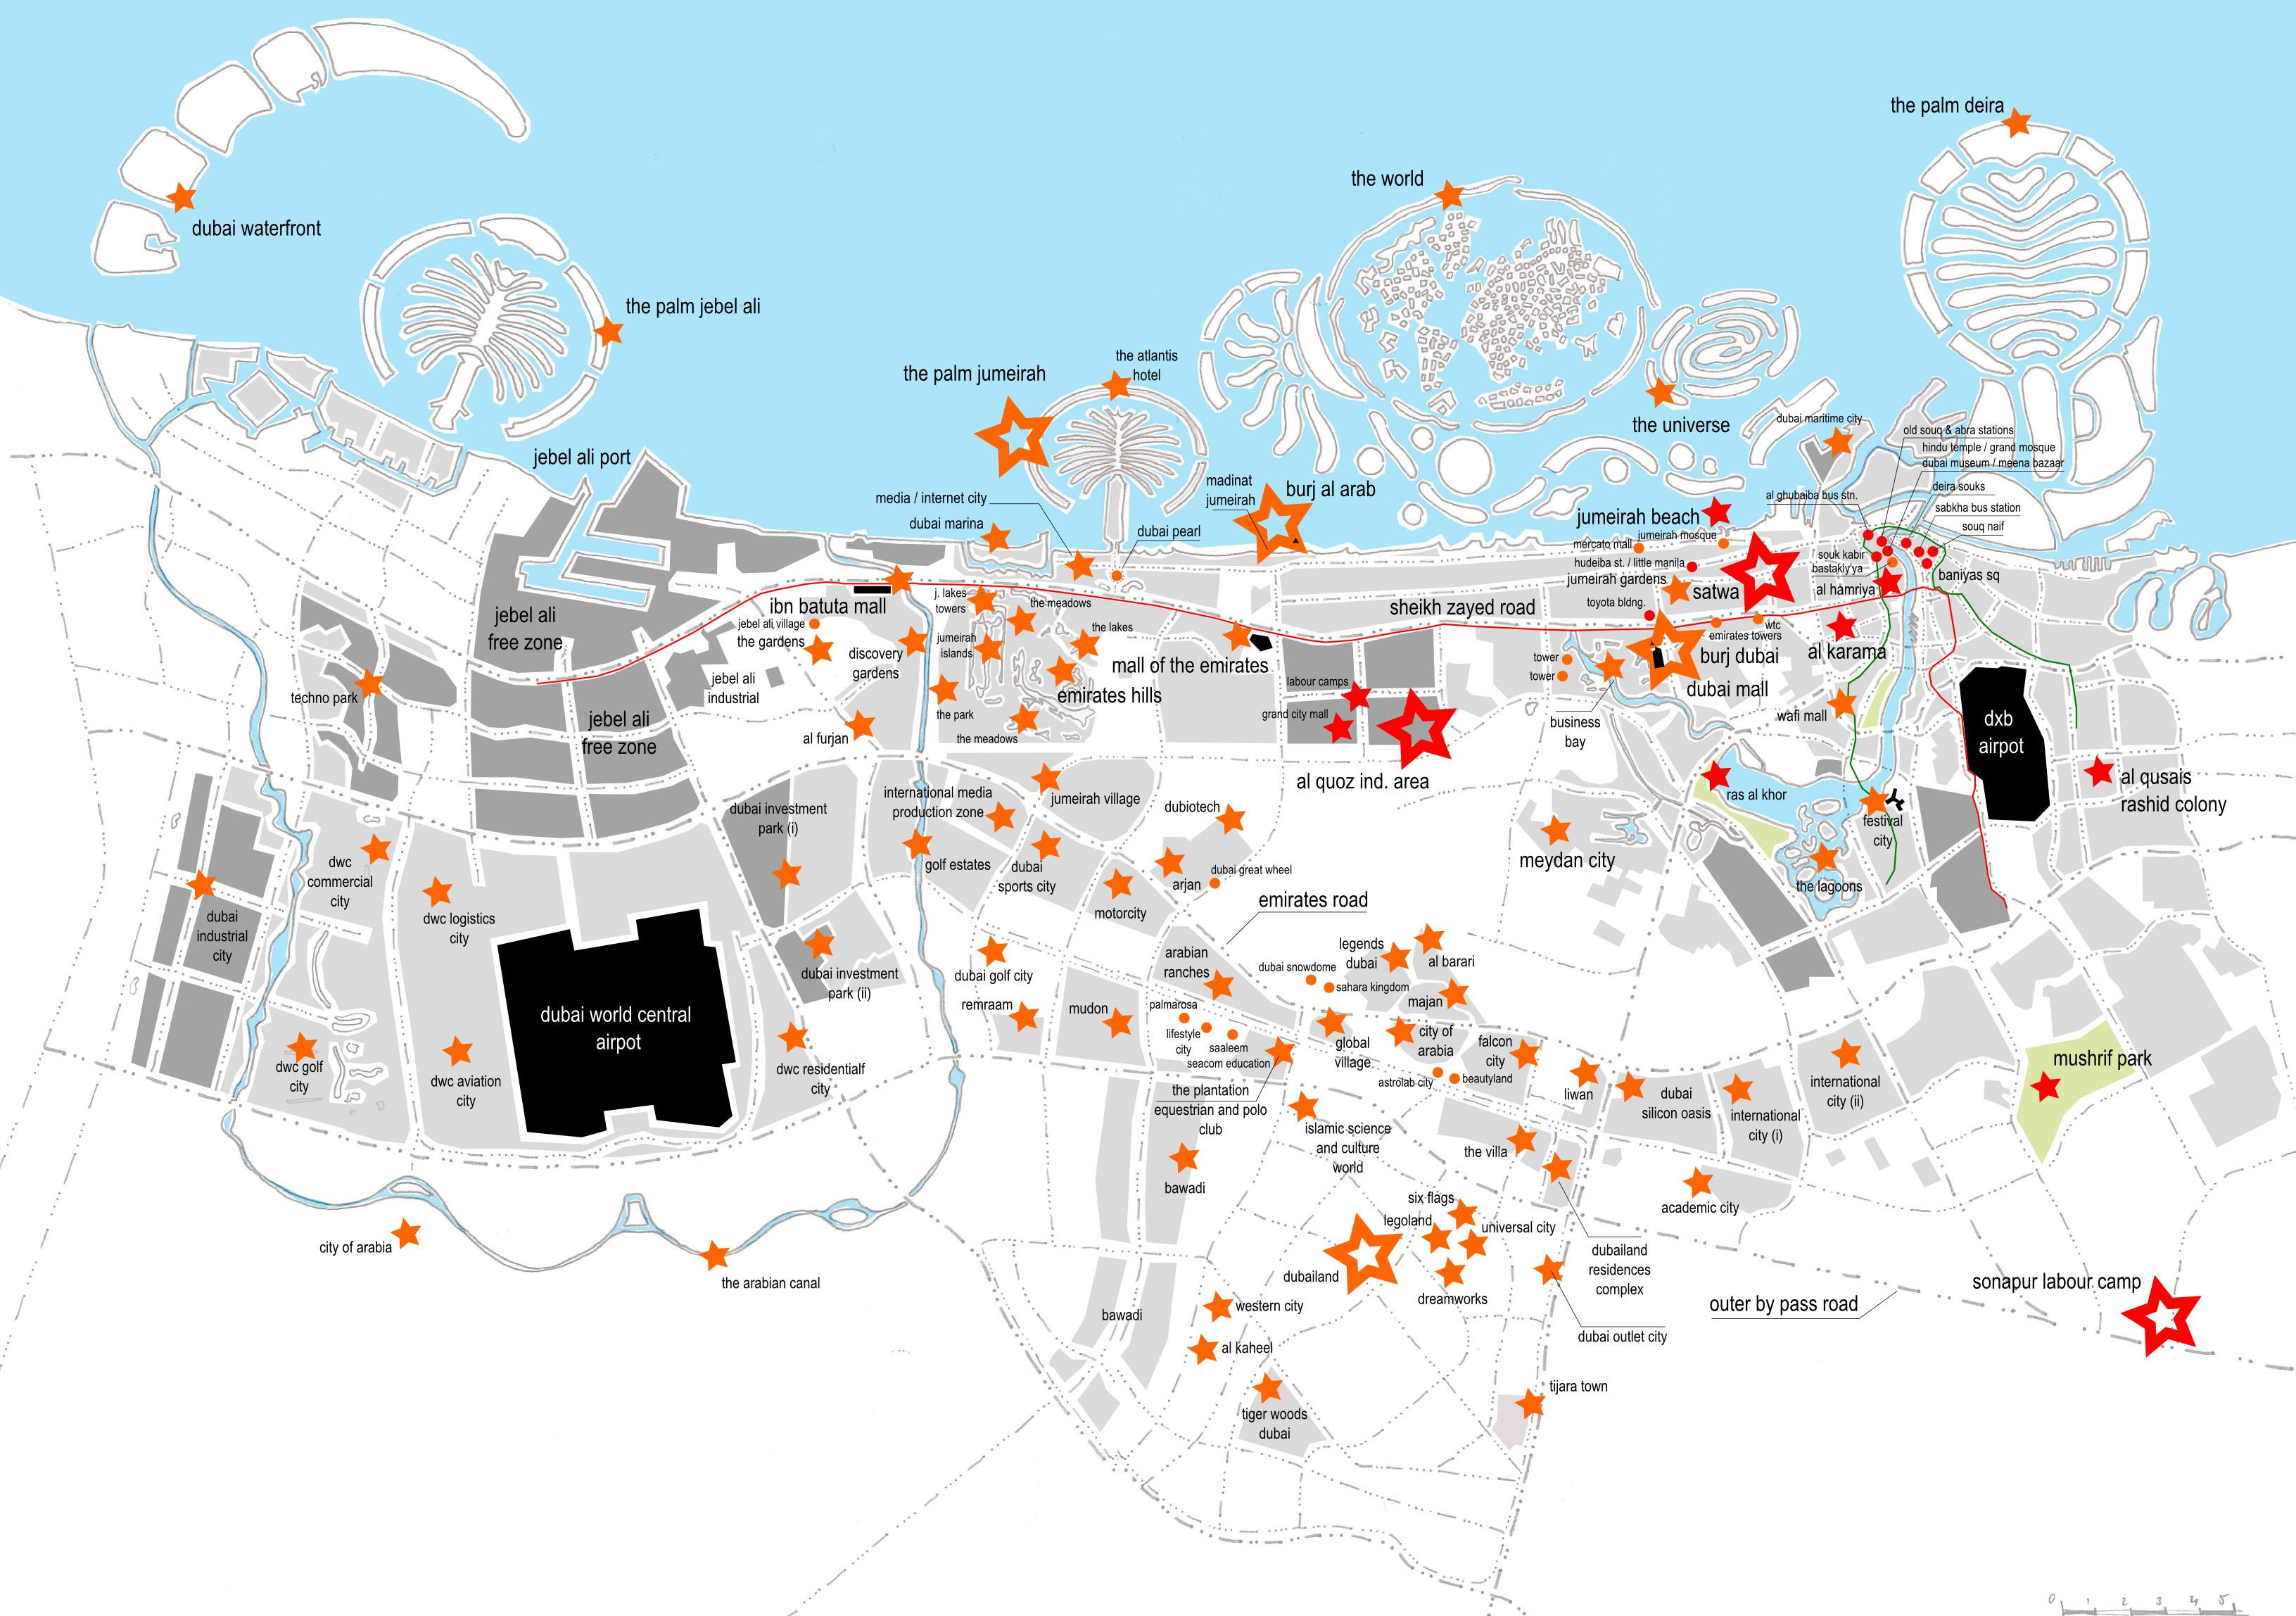 mapa turistico dubai Mapa de Dubai   Mapa Físico, Geográfico, Político, turístico y  mapa turistico dubai